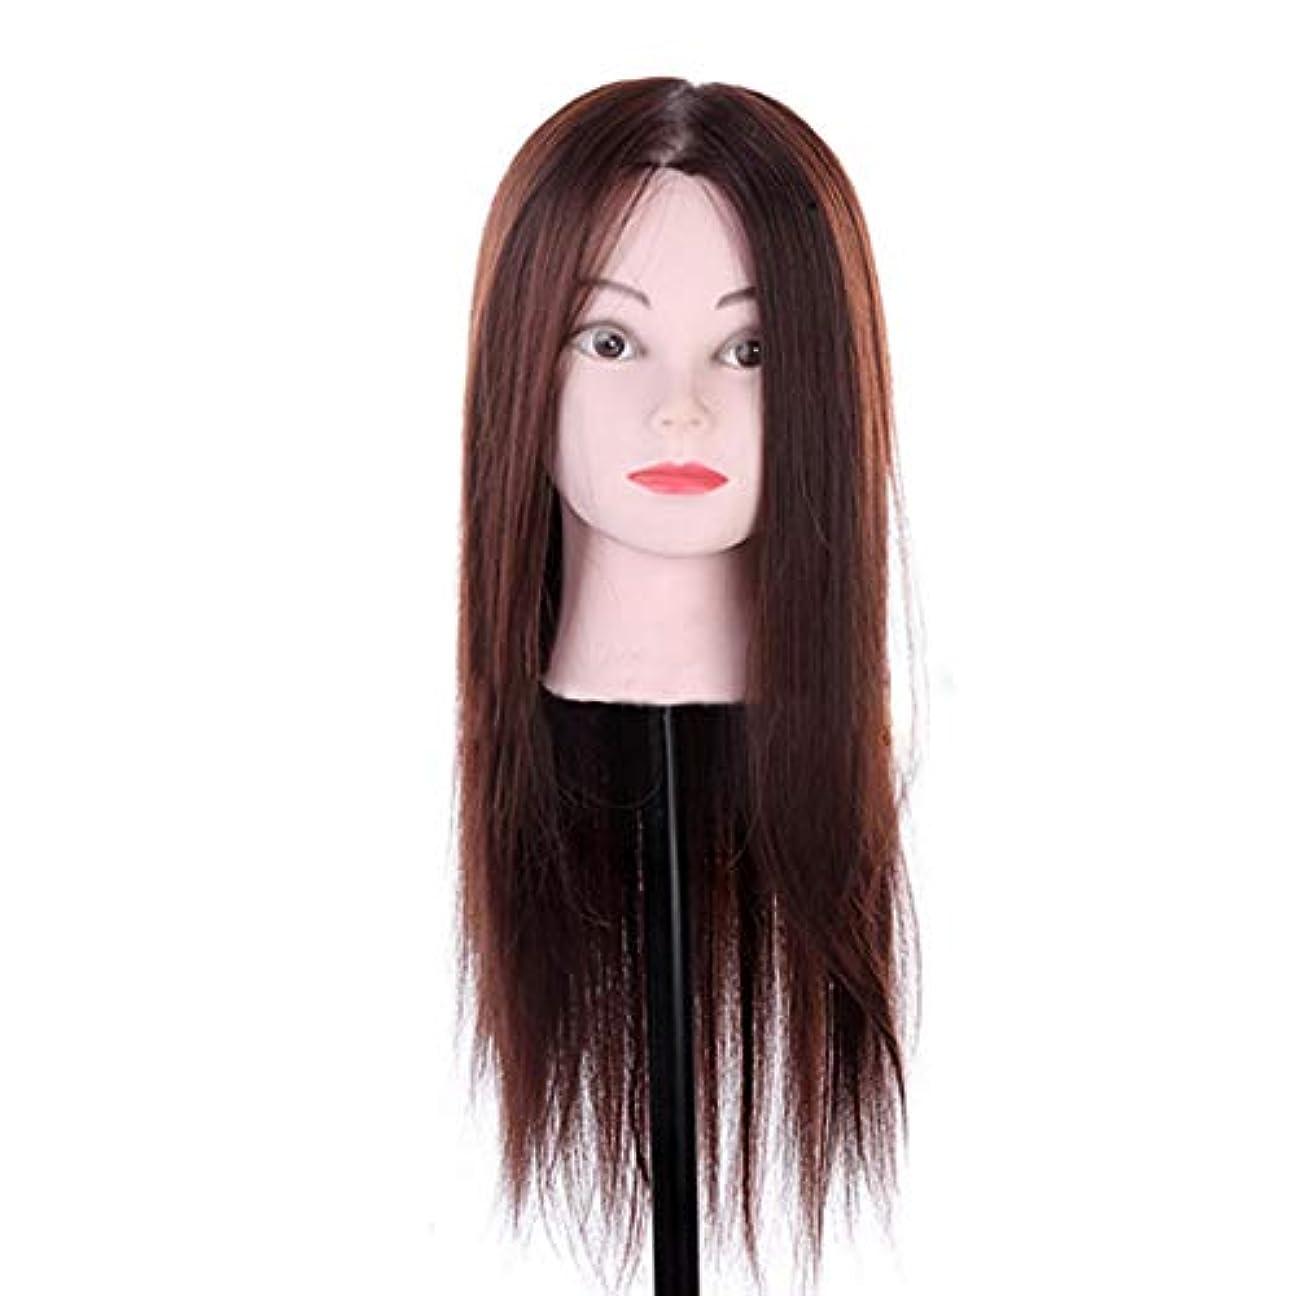 半島価値ギャラリーメイクアップエクササイズディスク髪編組ヘッド金型デュアルユースダミーヘッドモデルヘッド美容ヘアカットティーチングヘッドかつら